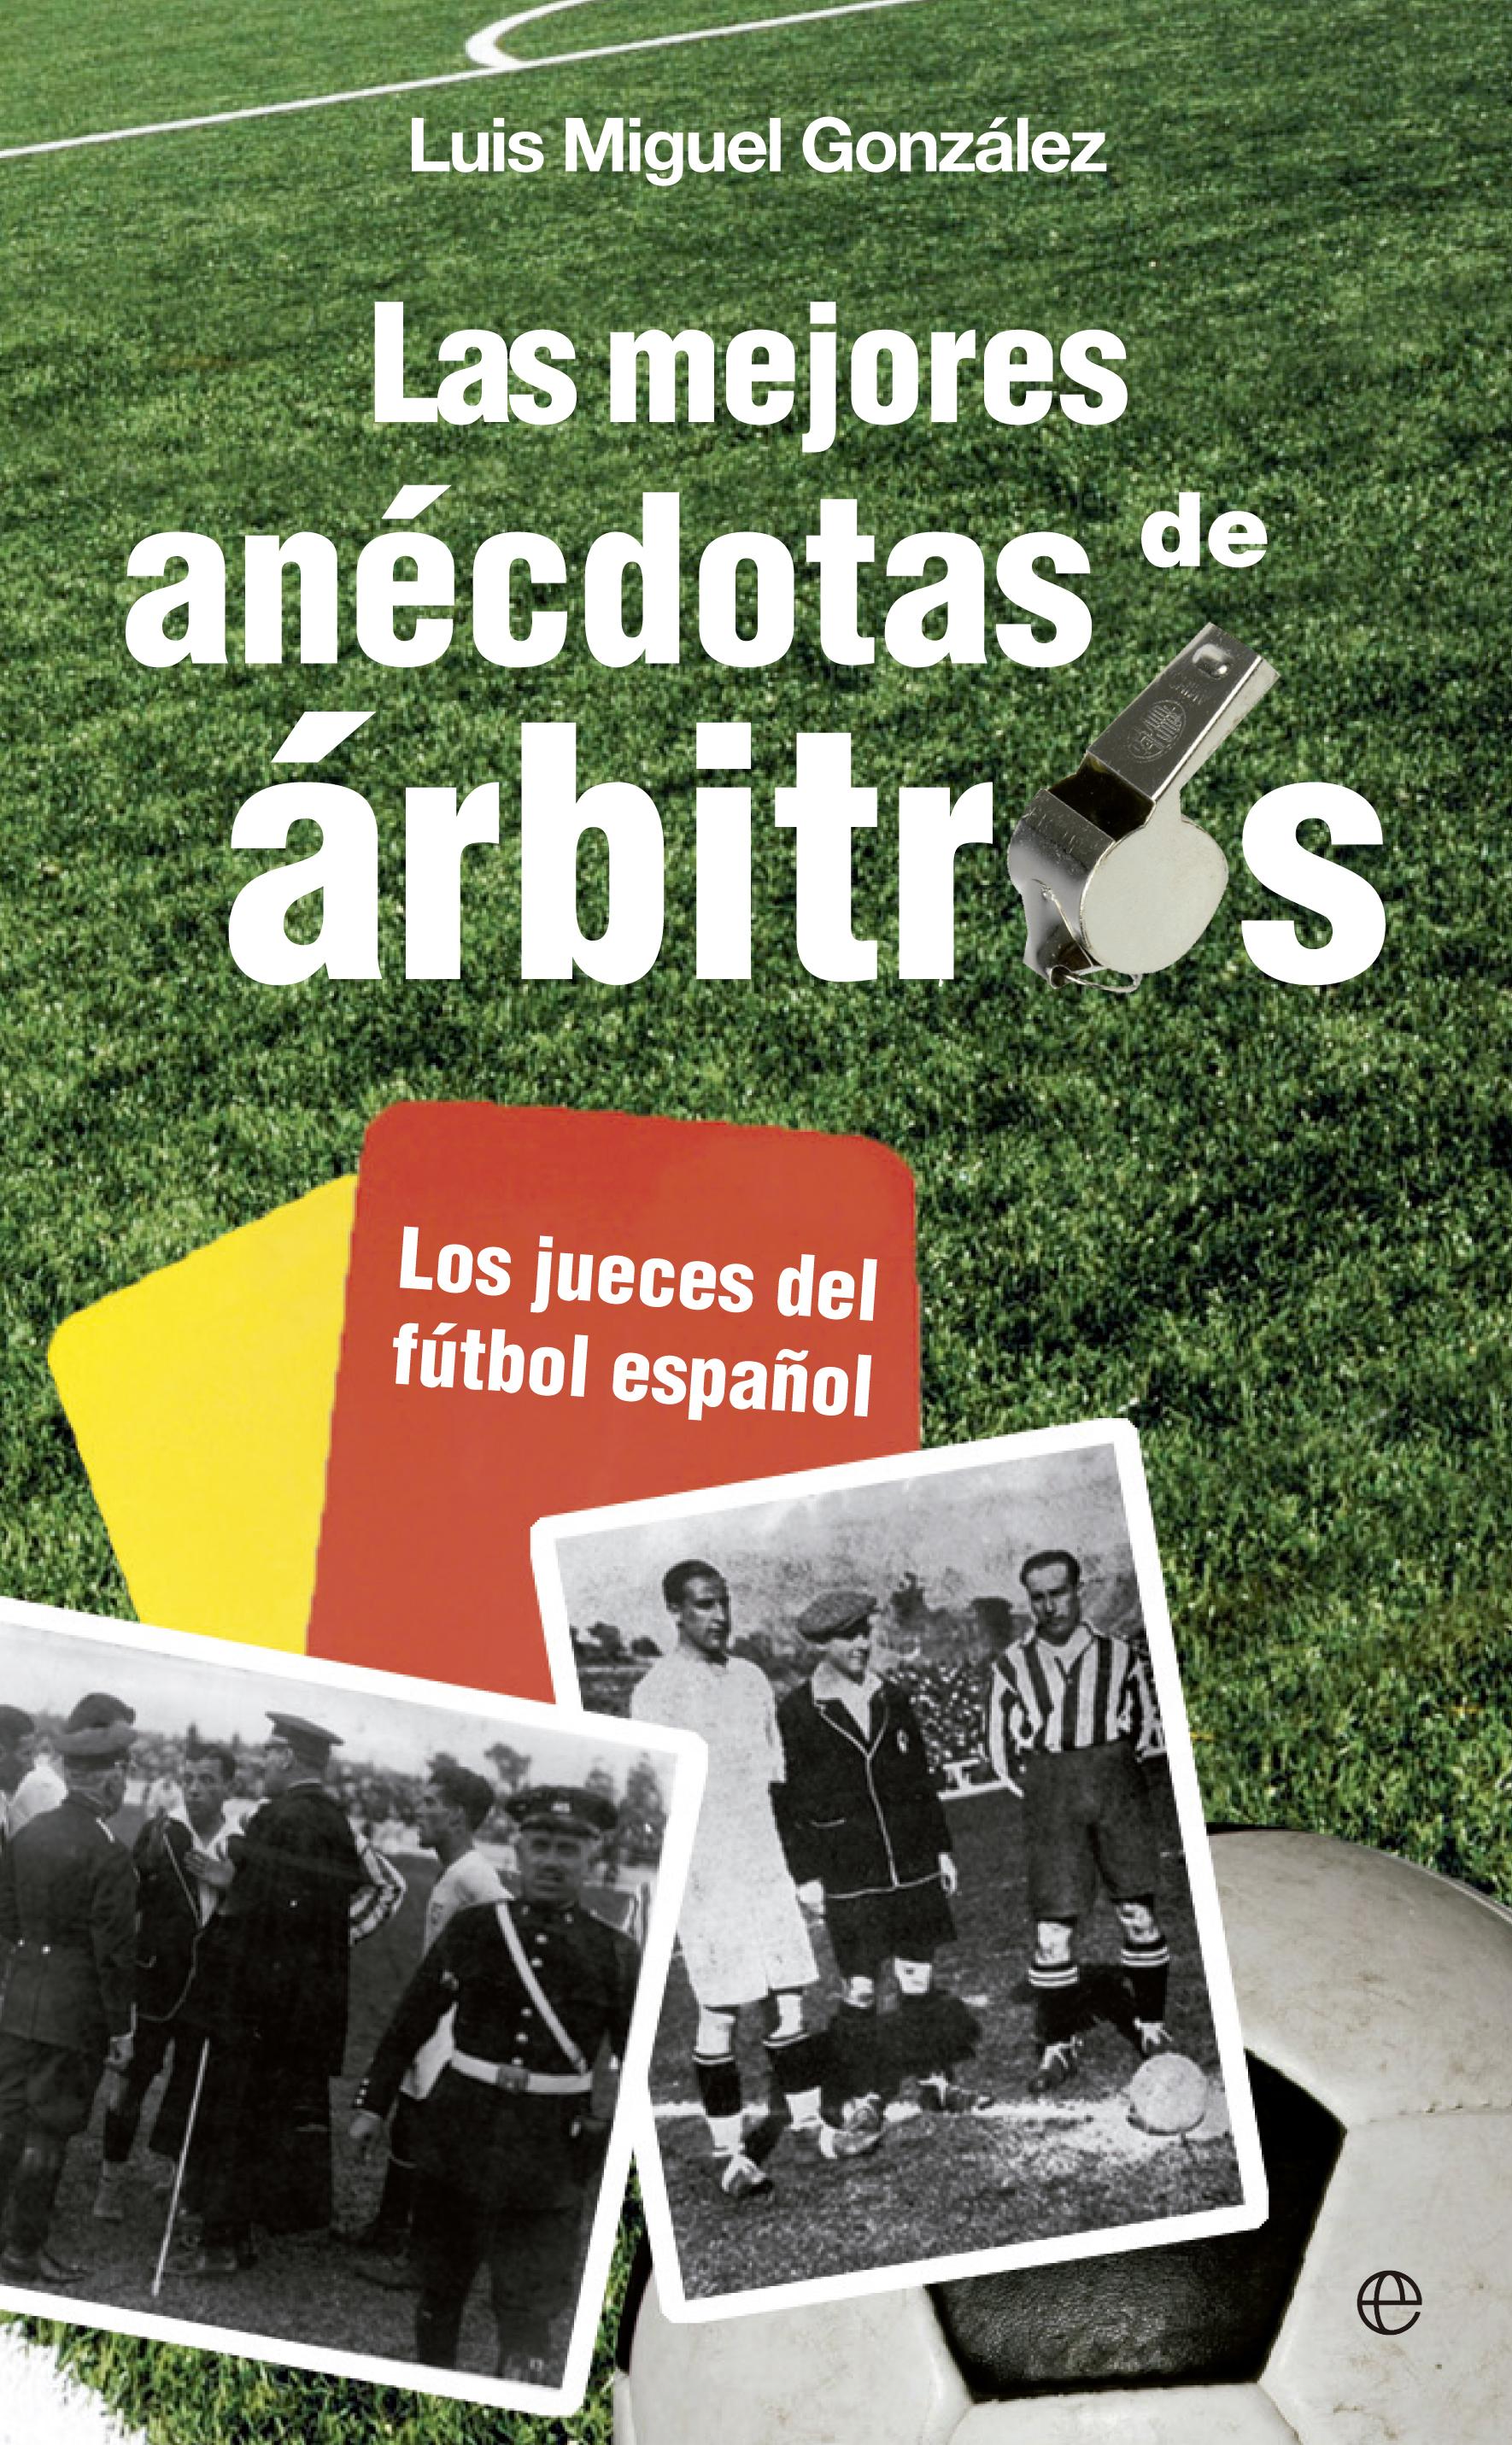 LAS MEJORES ANÉCDOTAS DE ÁRBITROS. LOS JUECES DEL FÚTBOL ESPAÑOL